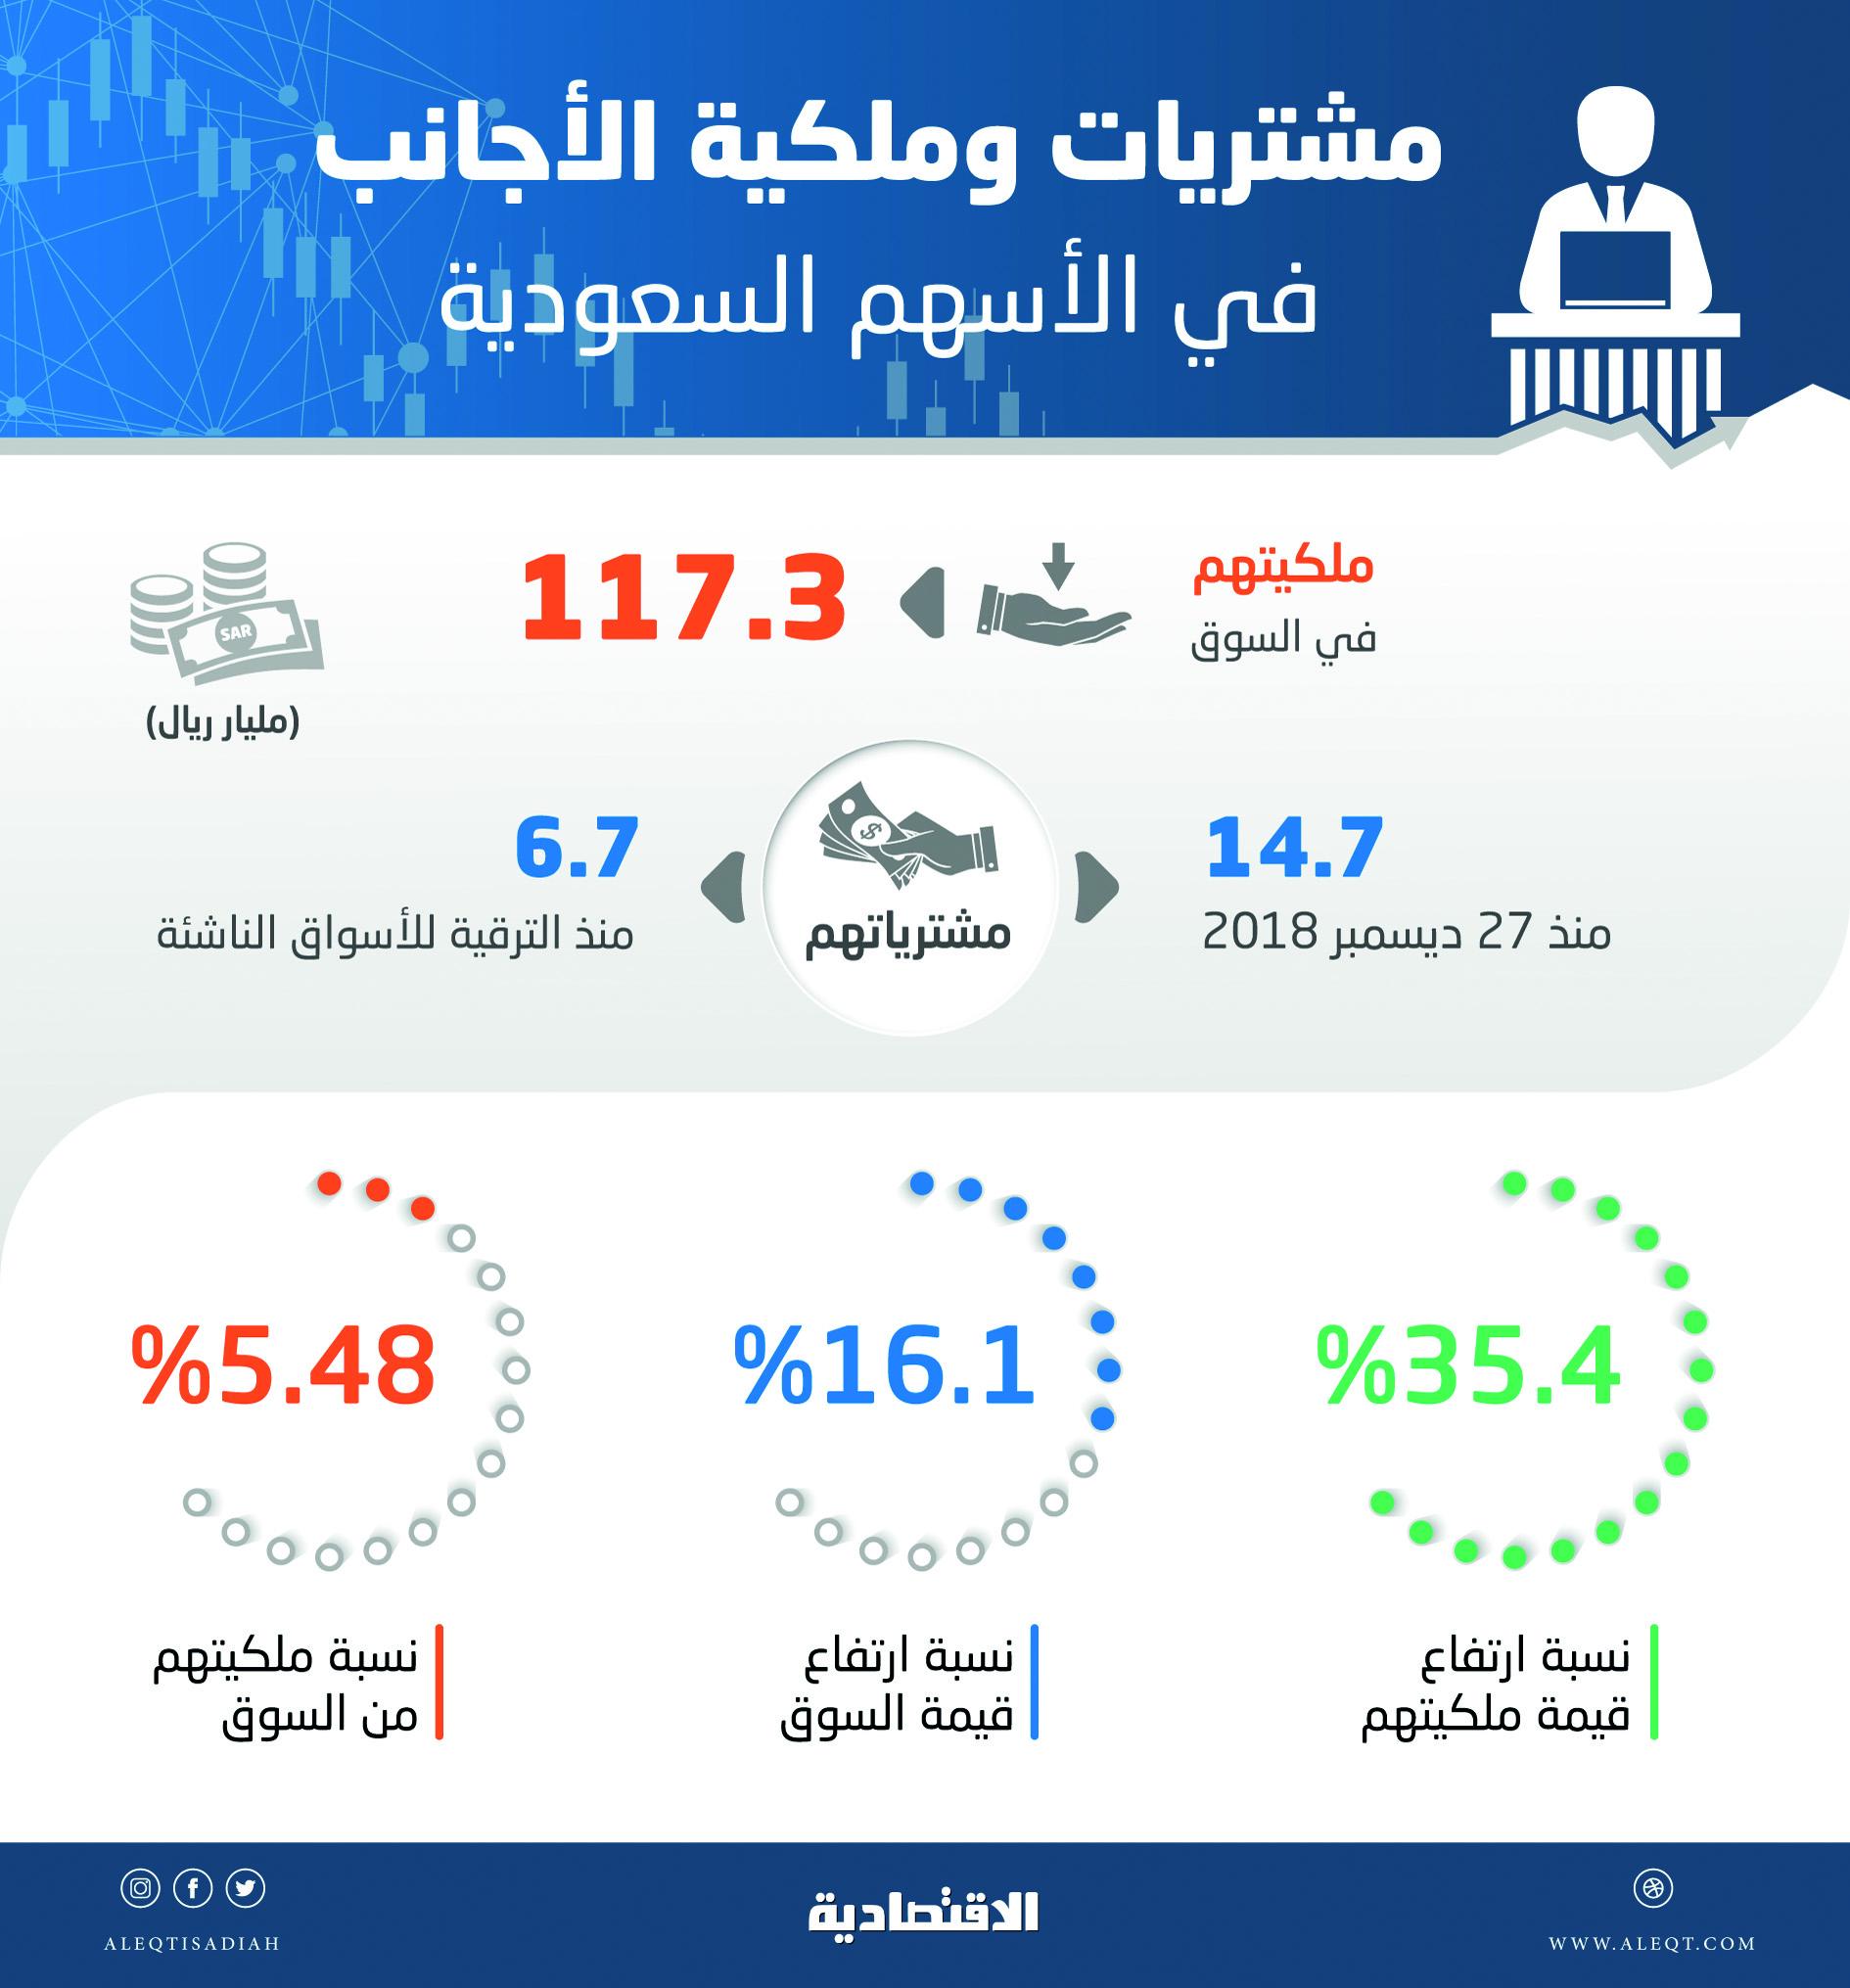 ملكية قياسية للأجانب في الأسهم السعودية بـ 117.3 مليار ريال .. تشكل 5.5 % من السوق   صحيفة الاقتصادية